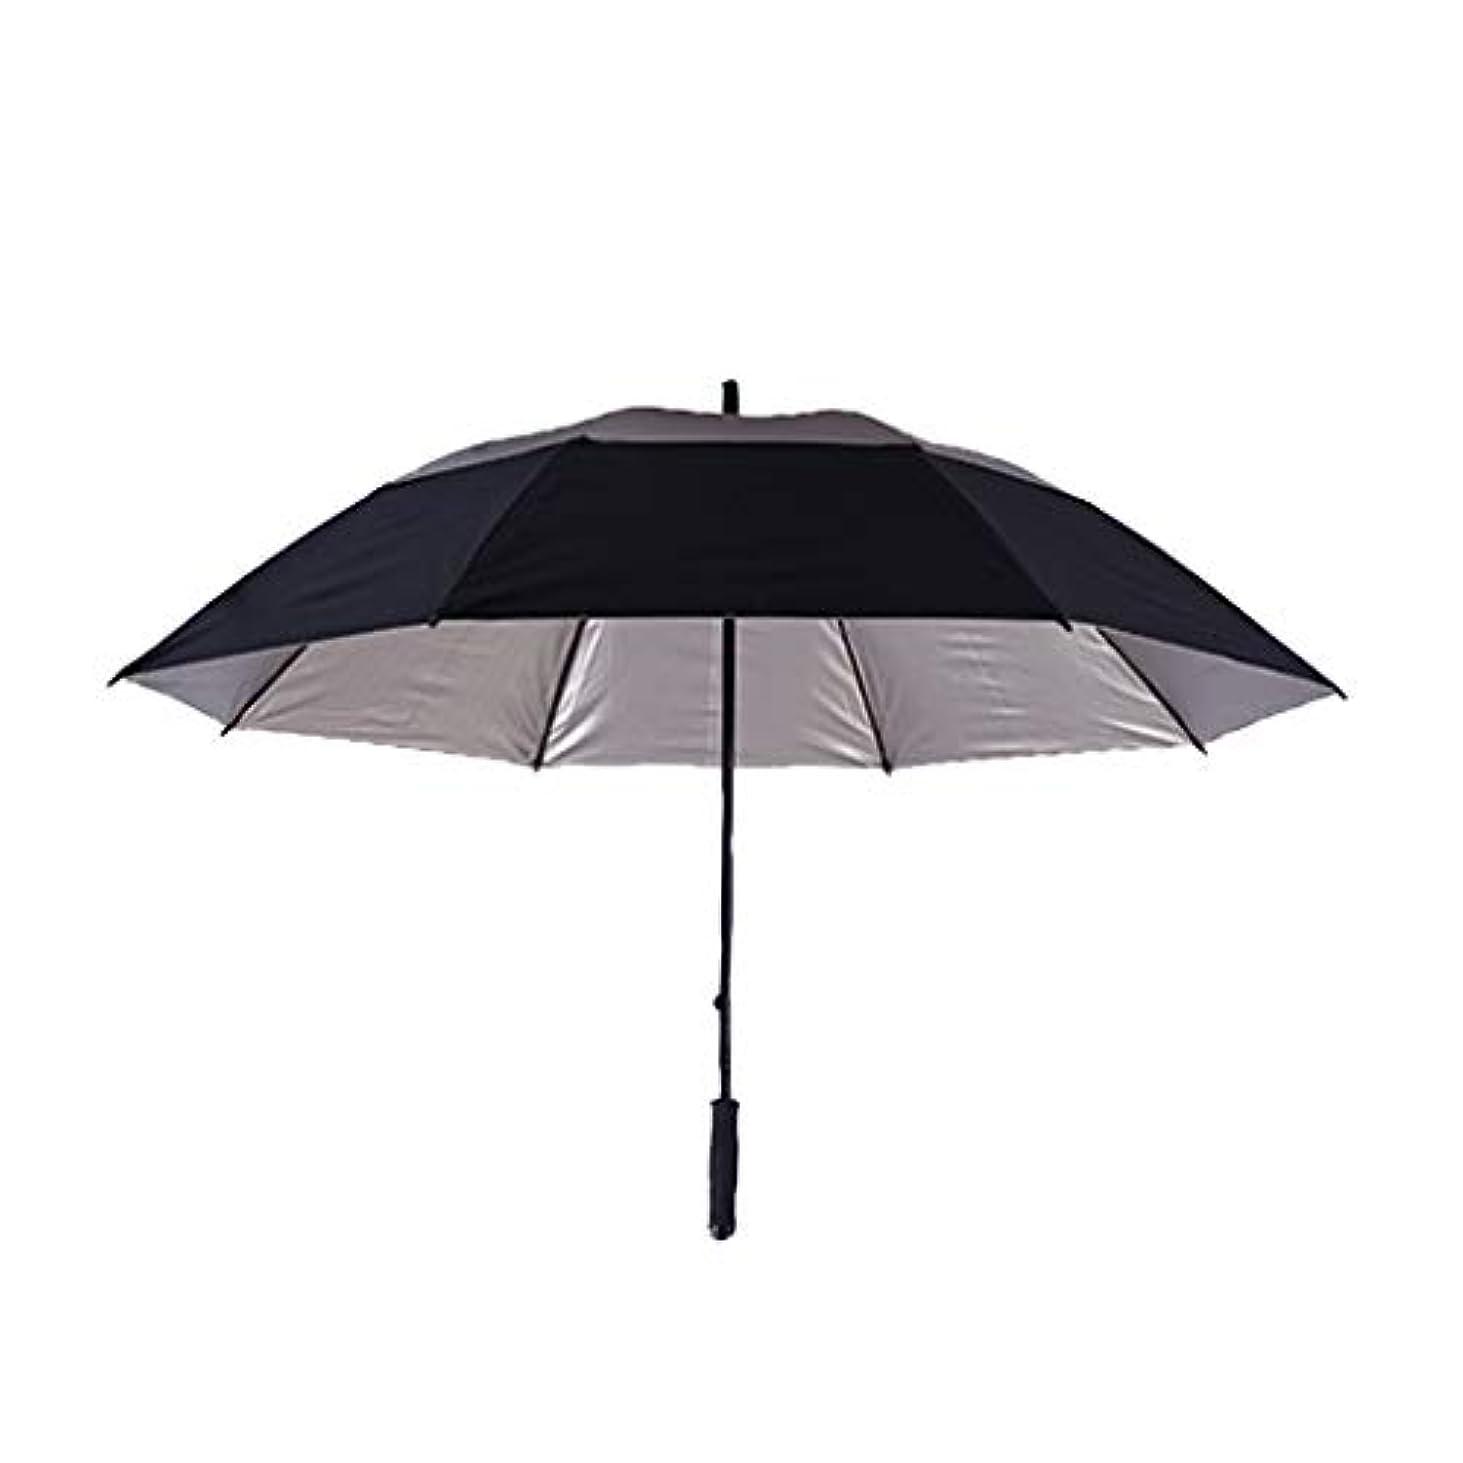 取り除くコントロールまた明日ね晴れの傘、パーソナライズドモザイク、屋外の傘の頭、すべてのガラス繊維傘のストレートロッドの傘。